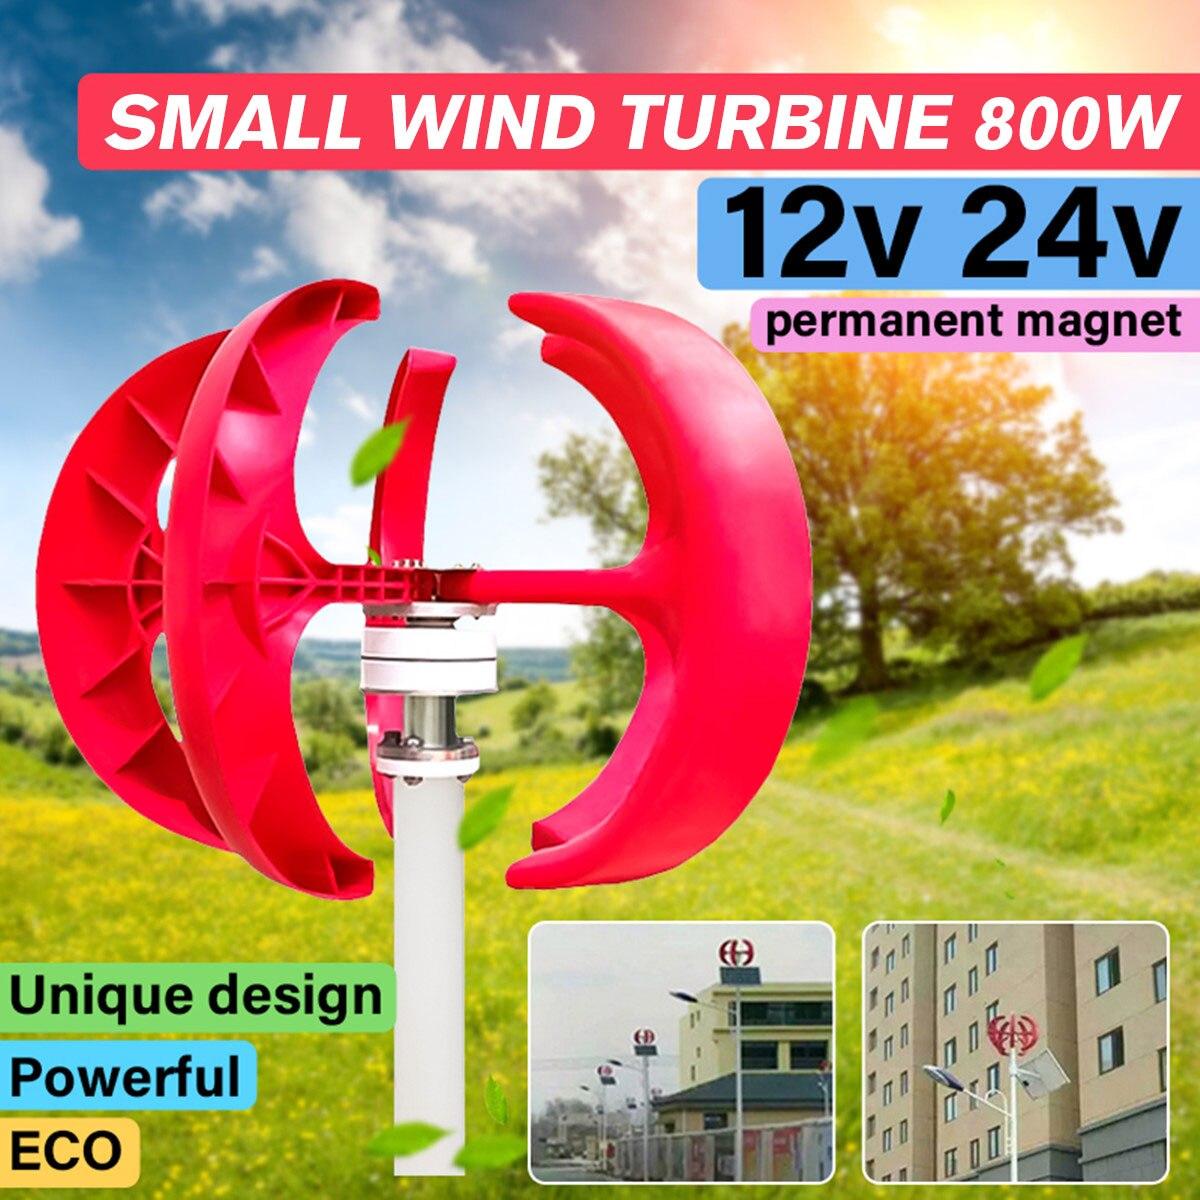 Nuevo Max 800 W 12 V/24 V viento Turbinen generador linterna 5 cuchillas Motor Kit eje Vertical 3 generador magnético permanente de fase CA caliente